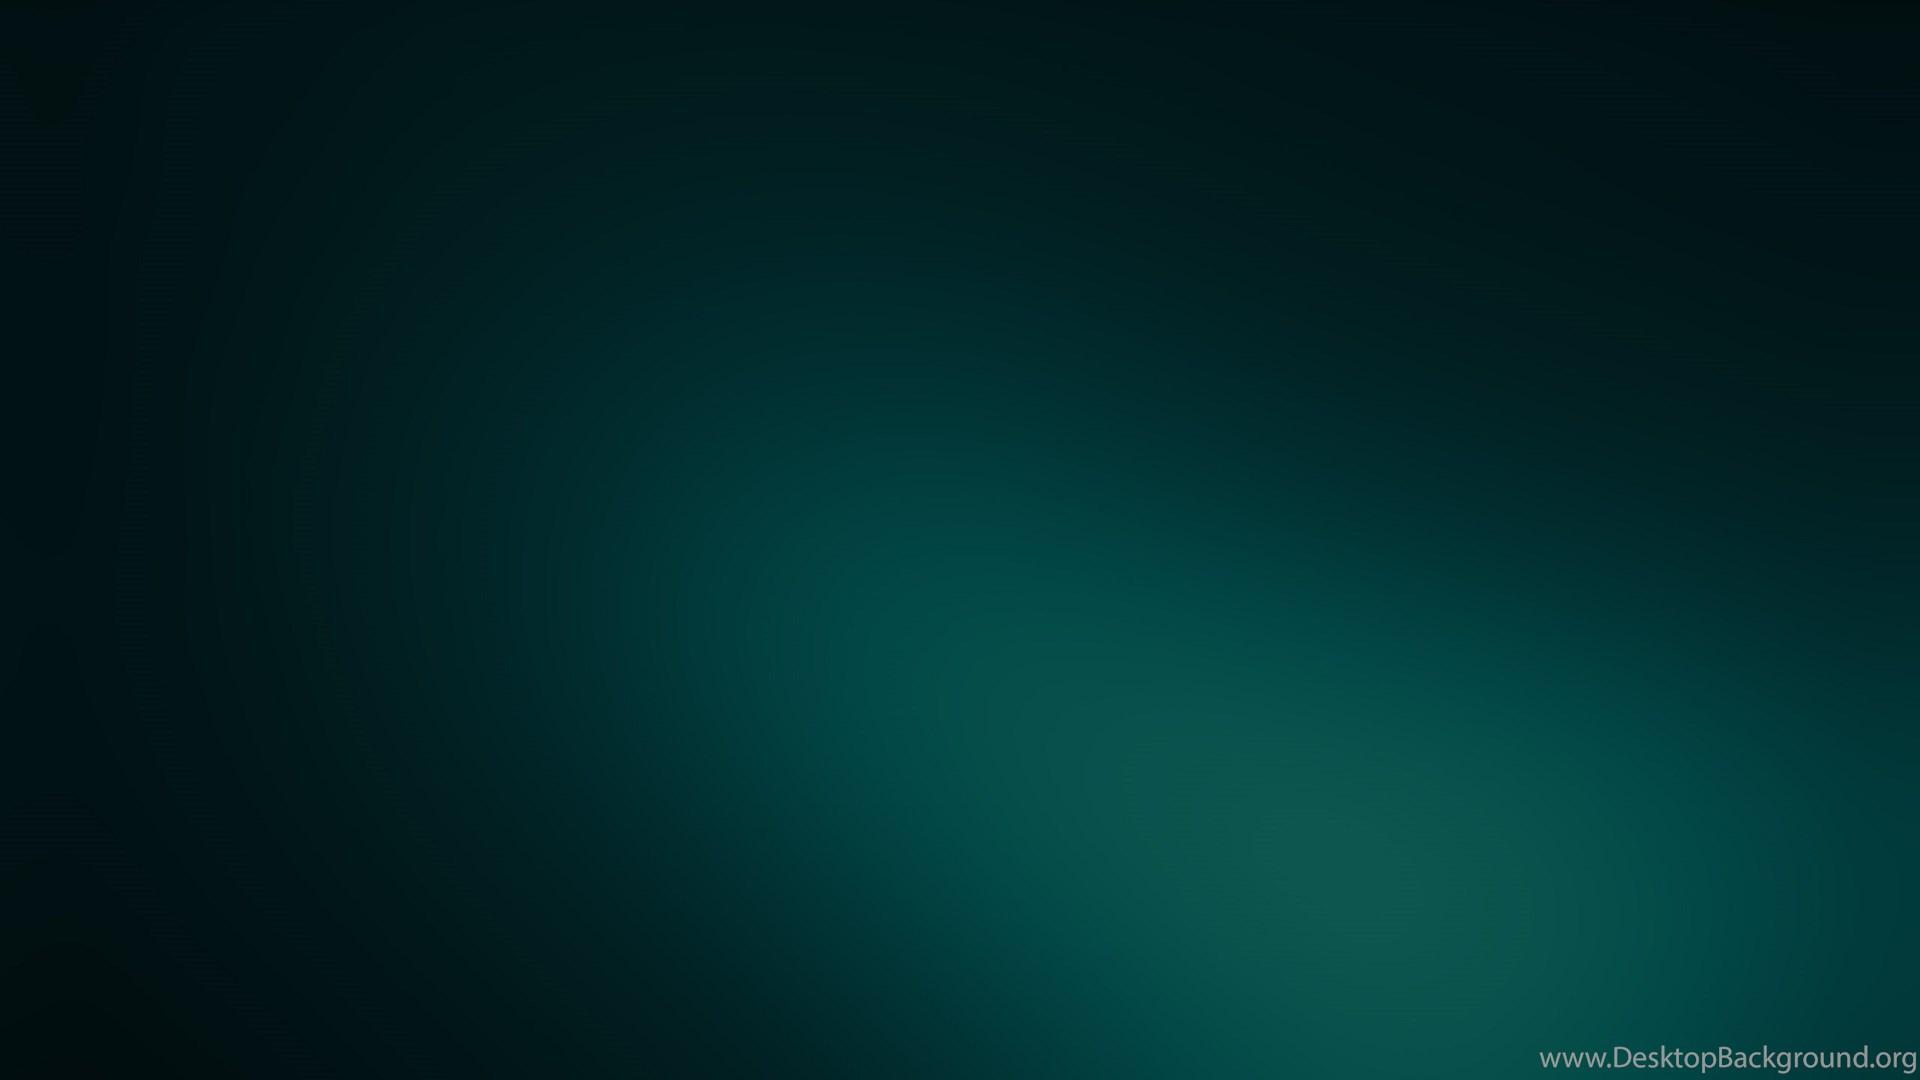 download gradient wallpapers 1920x1080 desktop background